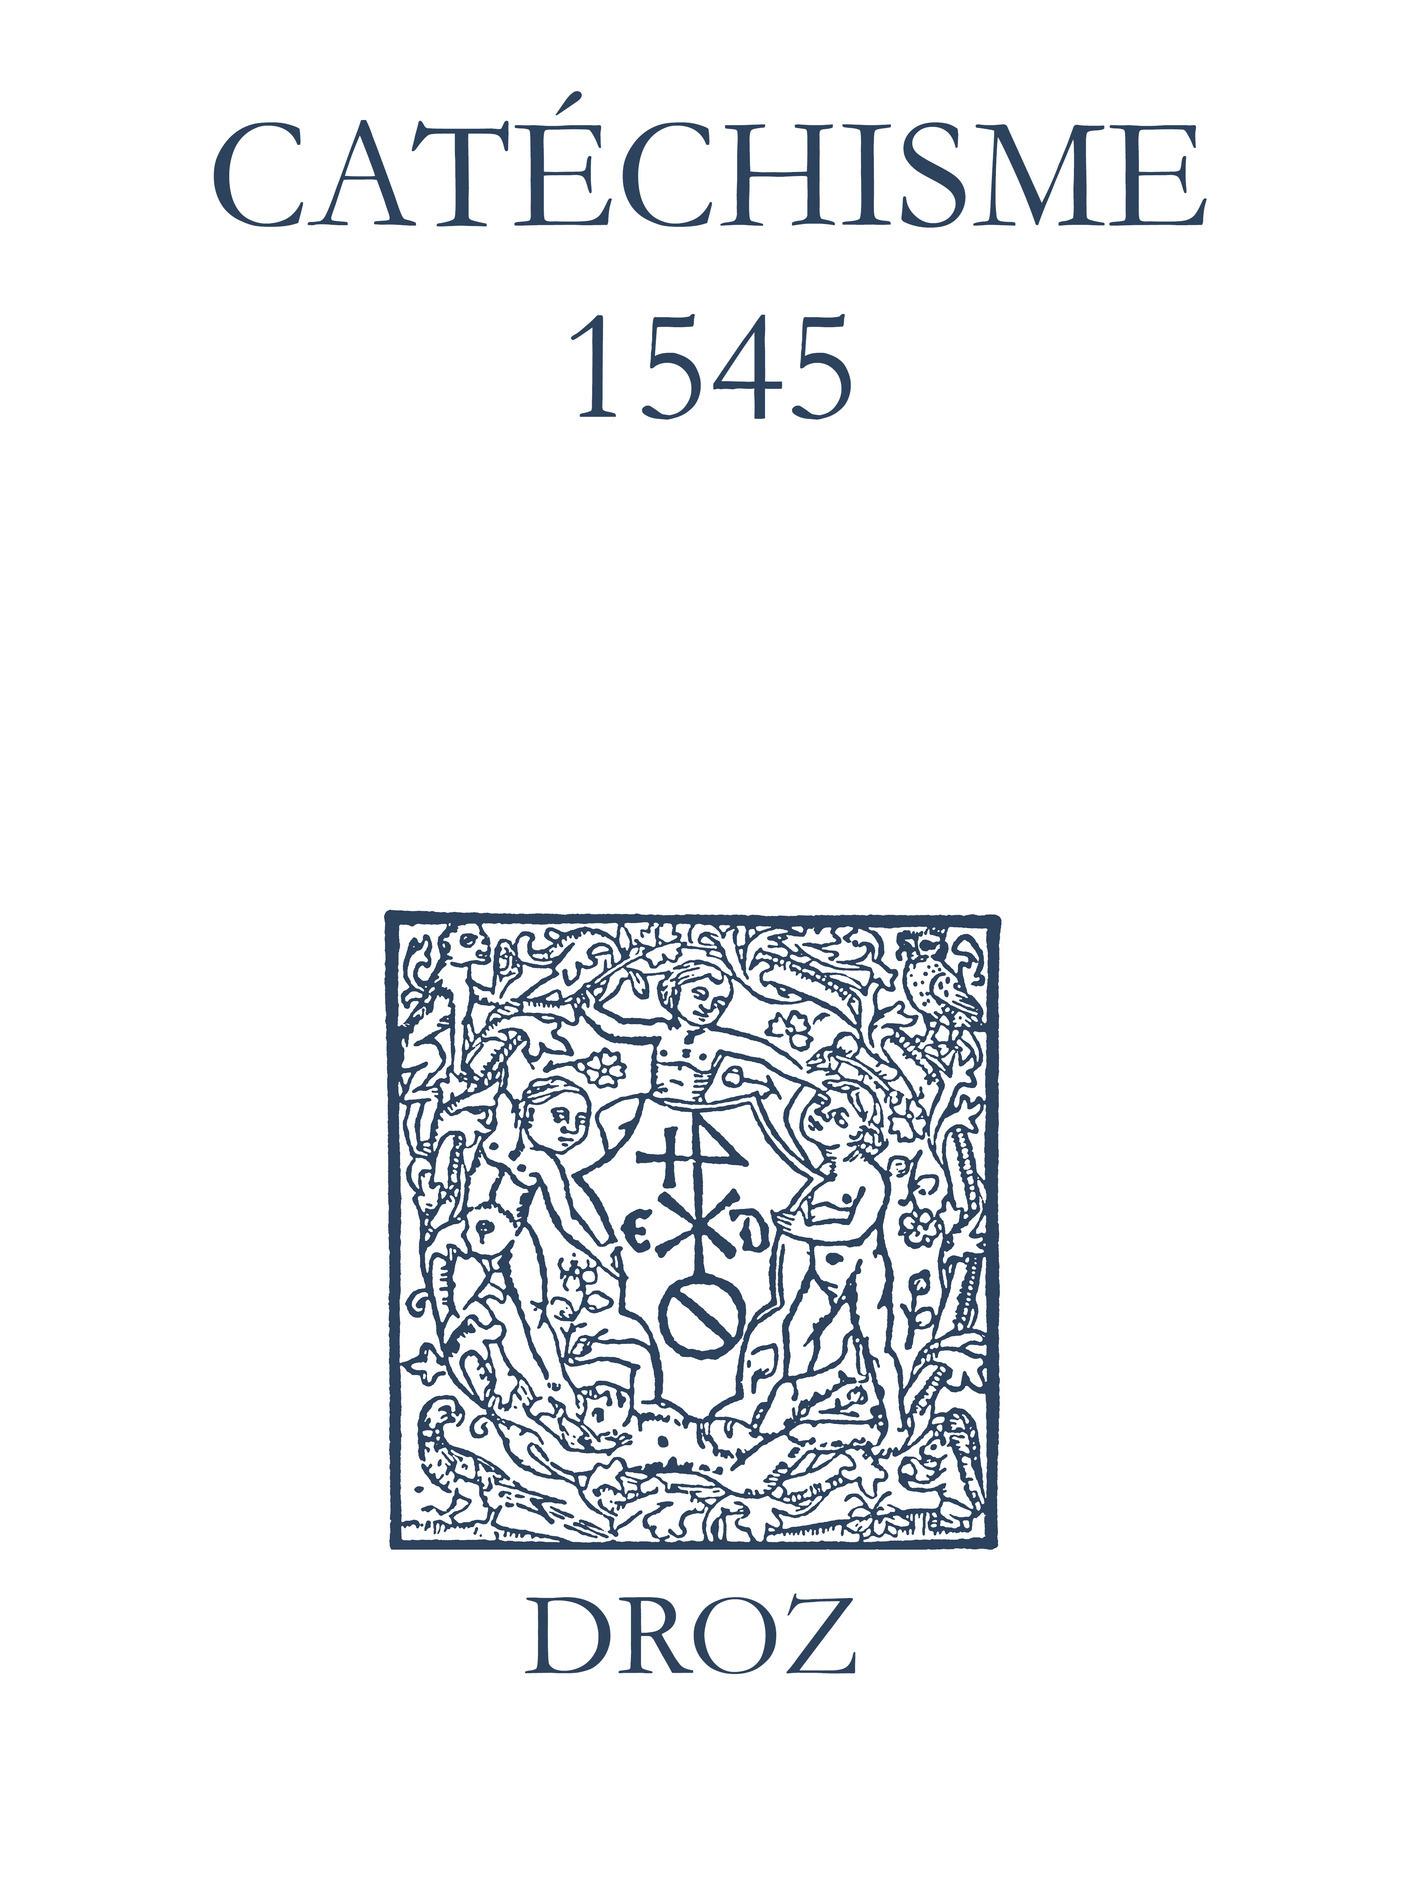 Recueil des opuscules 1566. Catéchisme (1545)  - Laurence Vial-Bergon